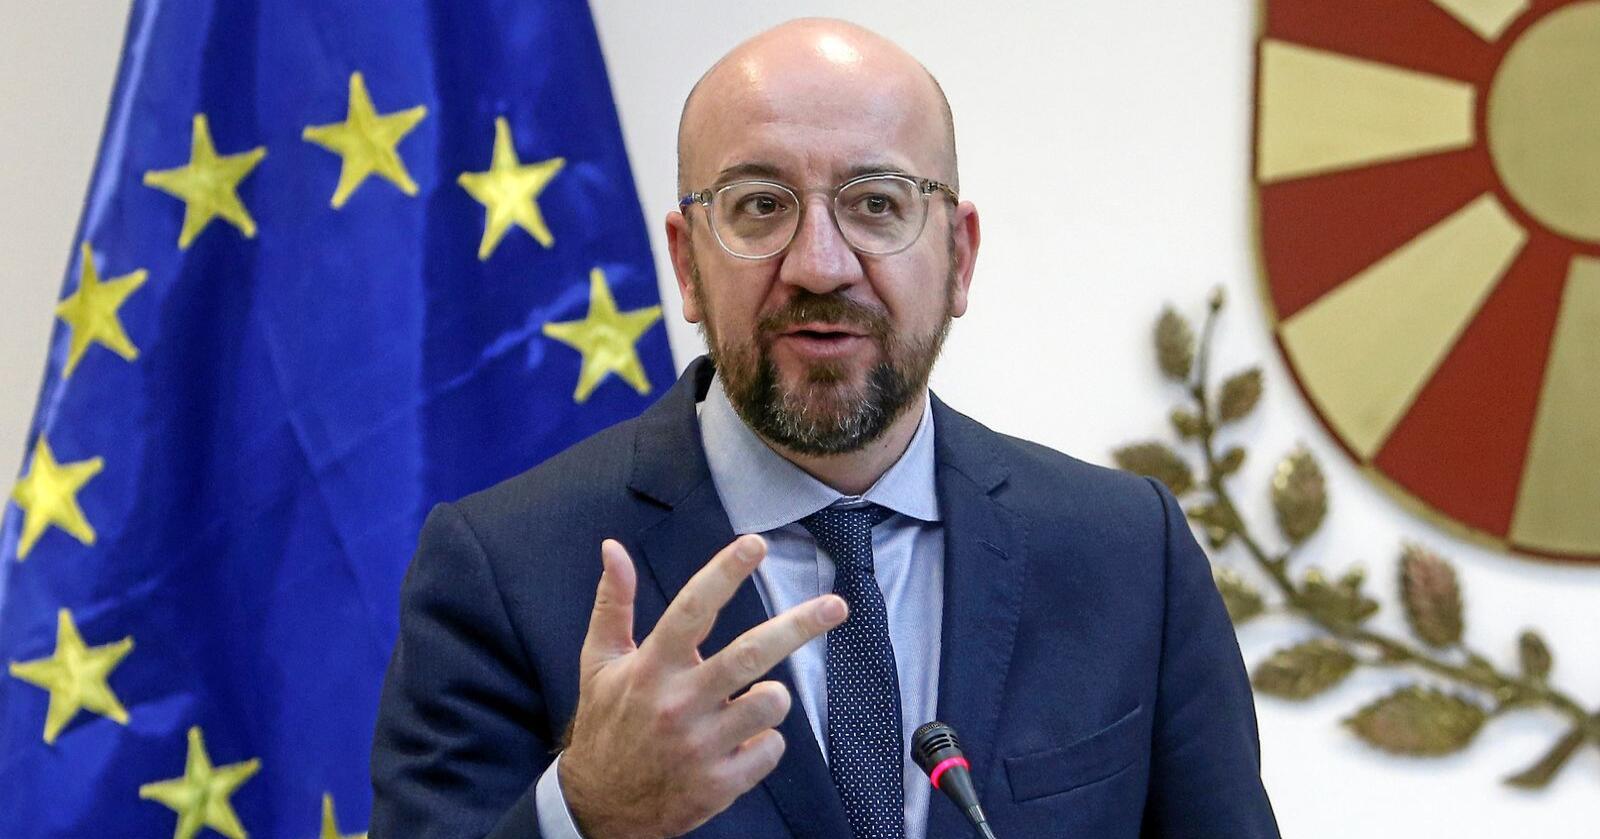 EU-rådet, som ledes av president Charles Michel, har gitt sitt formelle samtykke til brexitavtalen, som ble vedtatt av EU-parlamentet onsdag. Arkivfoto: Boris Grdanoski / AP / NTB scanpix